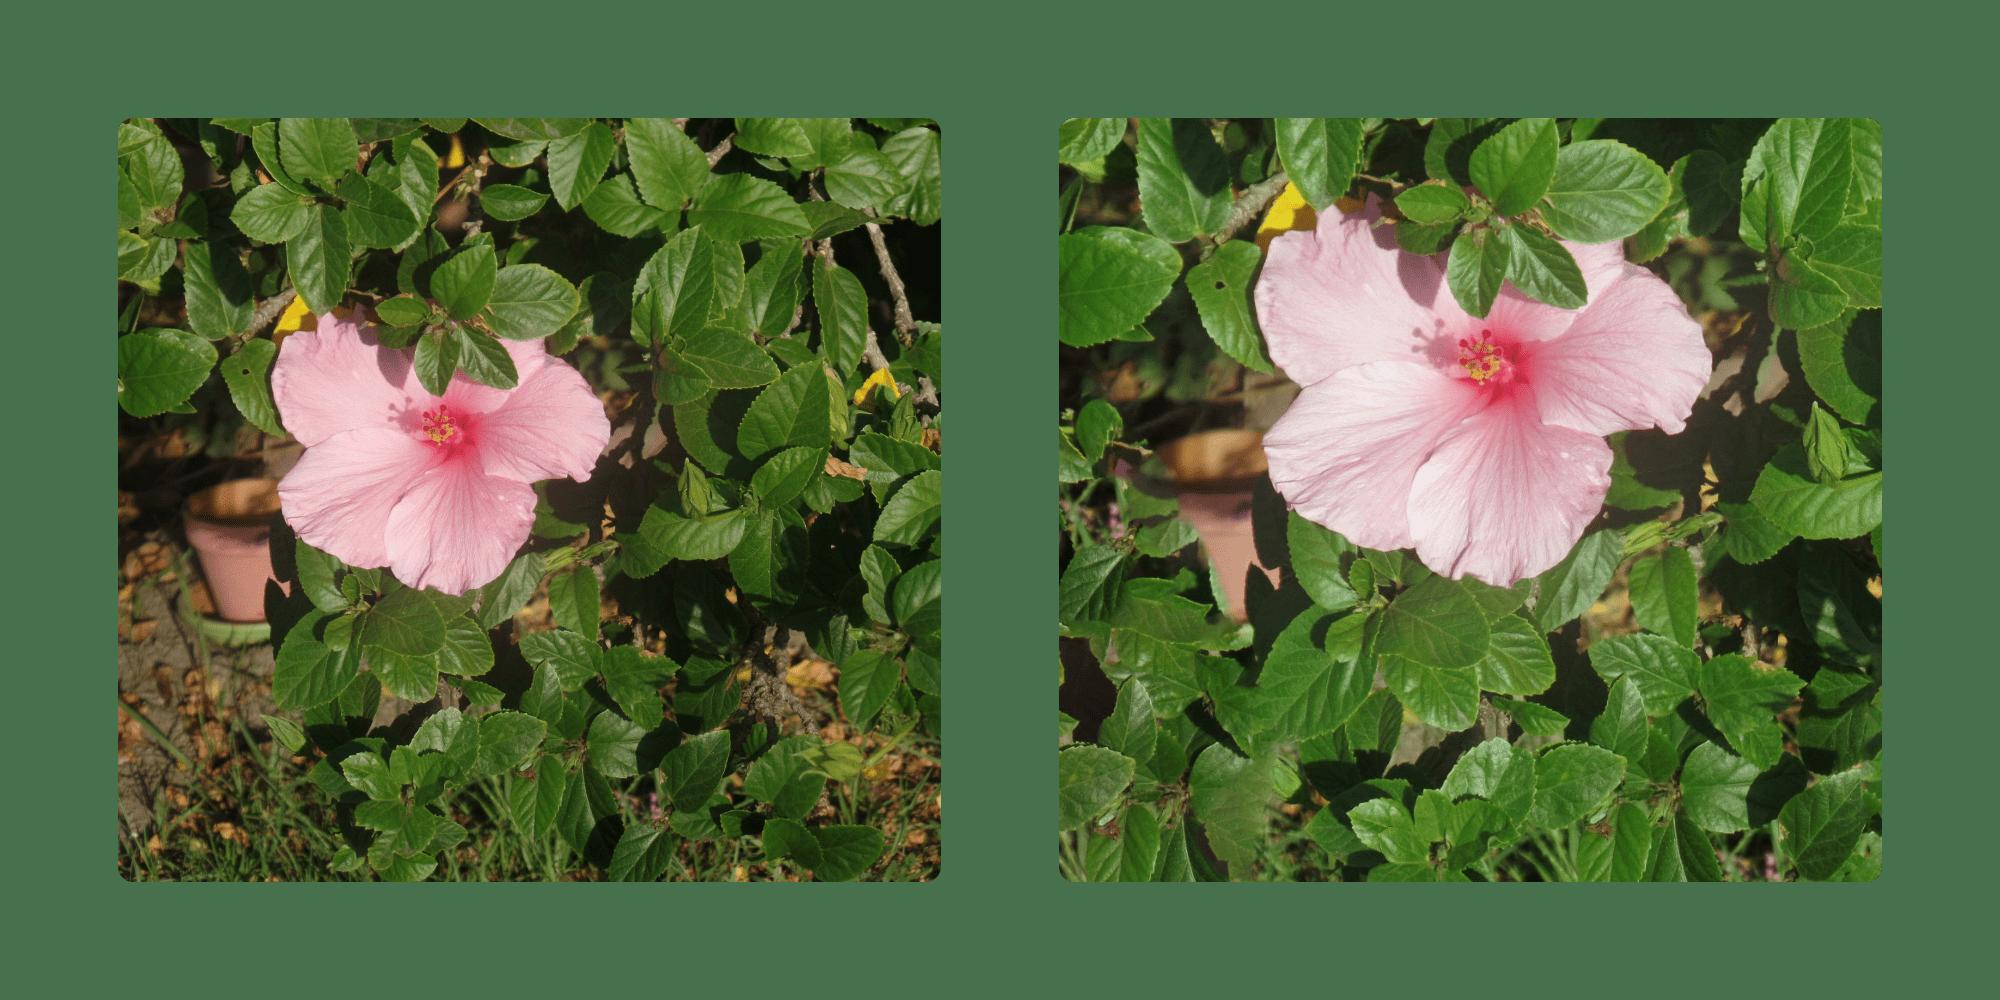 hibisscusedit